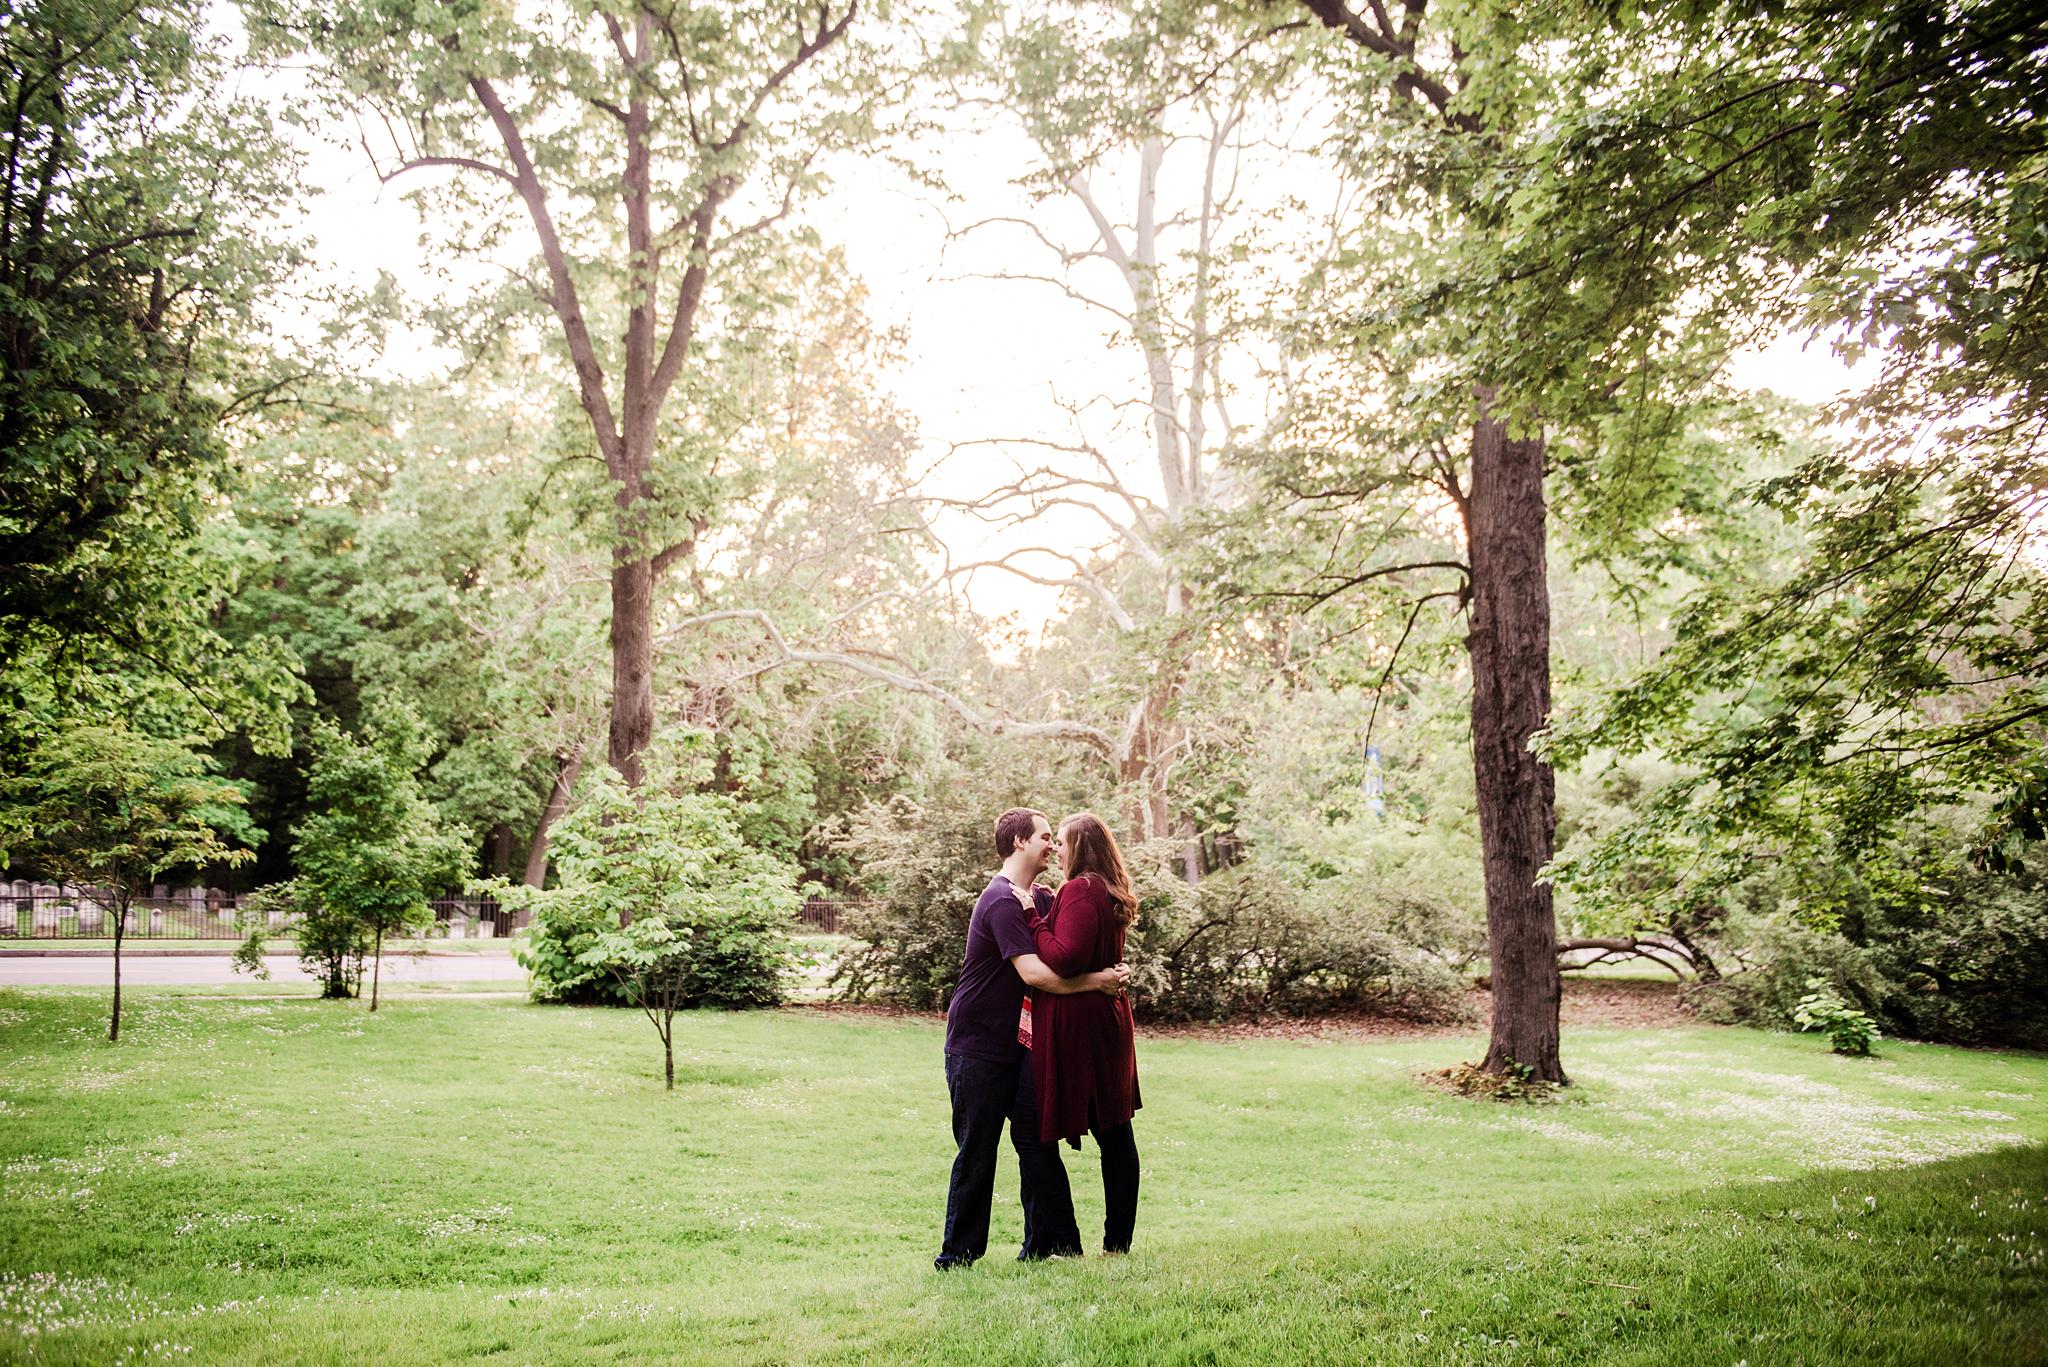 Warner_Castle_Sunken_Gardens_Rochester_Engagement_Session_JILL_STUDIO_Rochester_NY_Photographer_DSC_1707.jpg